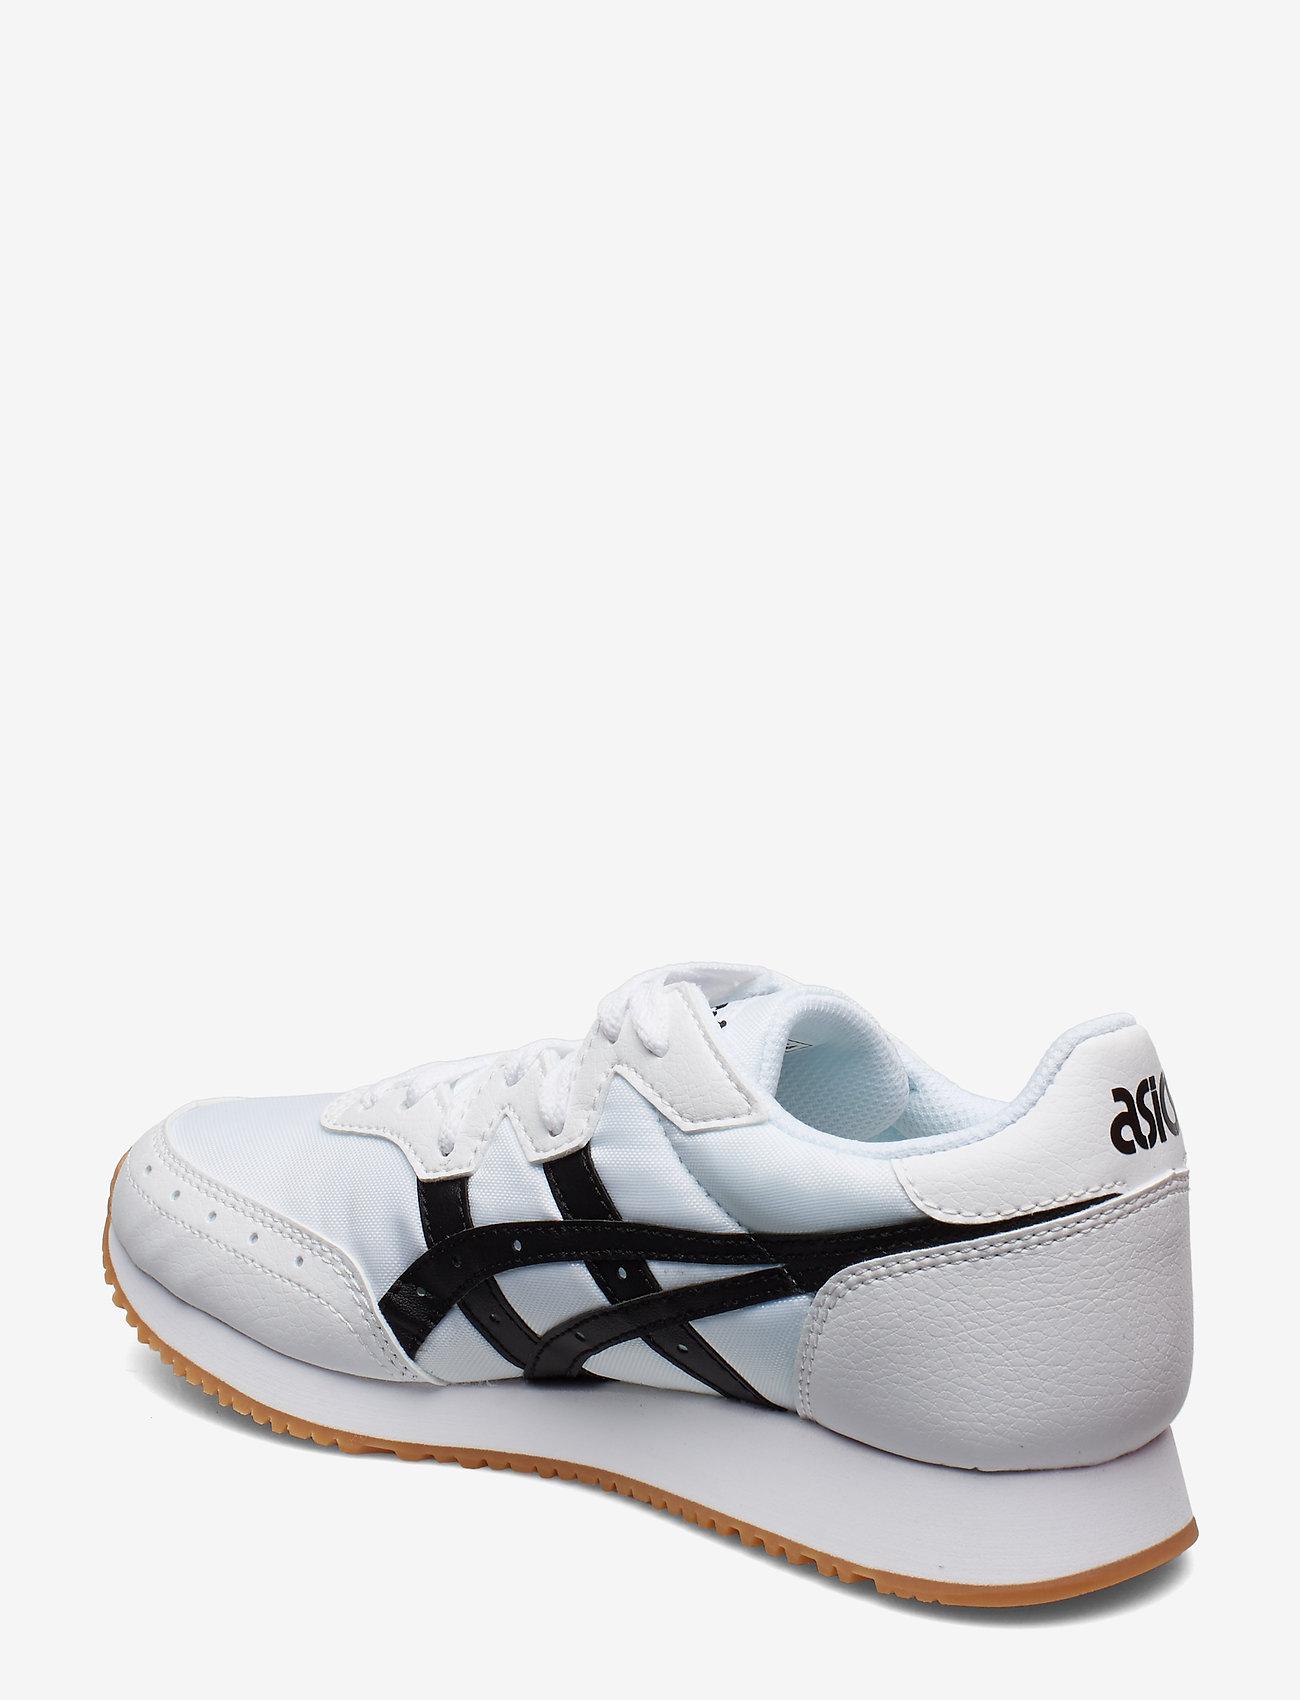 Tarther Og (White/black) - ASICS SportStyle